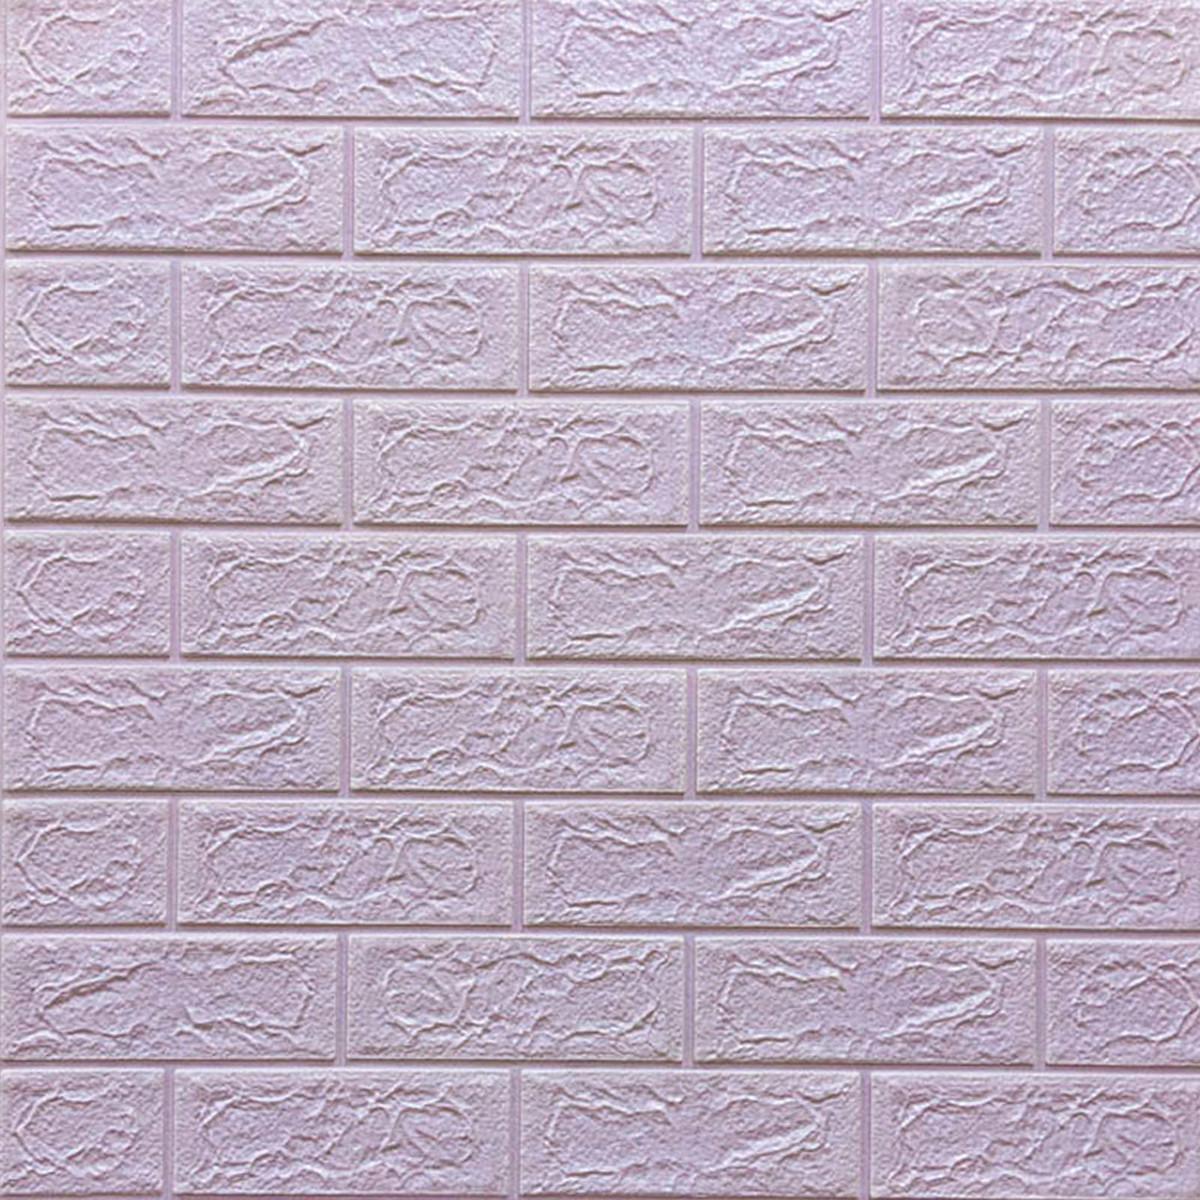 Самоклеющаяся декоративная 3D панель Кирпич  светло- фиолетовый 700x770x5мм